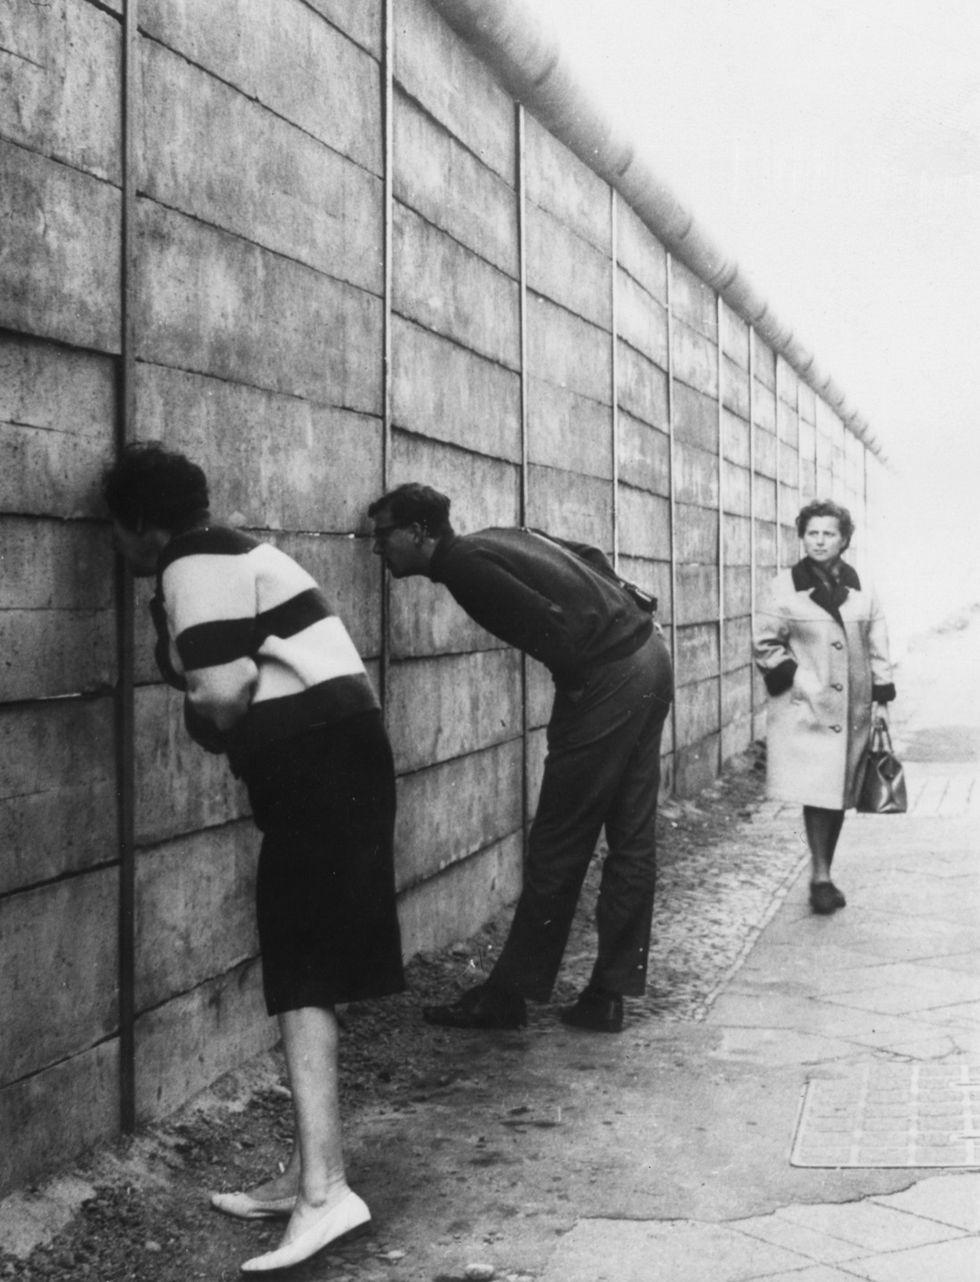 Berlino, gli anni del muro (1961-1989) - Foto